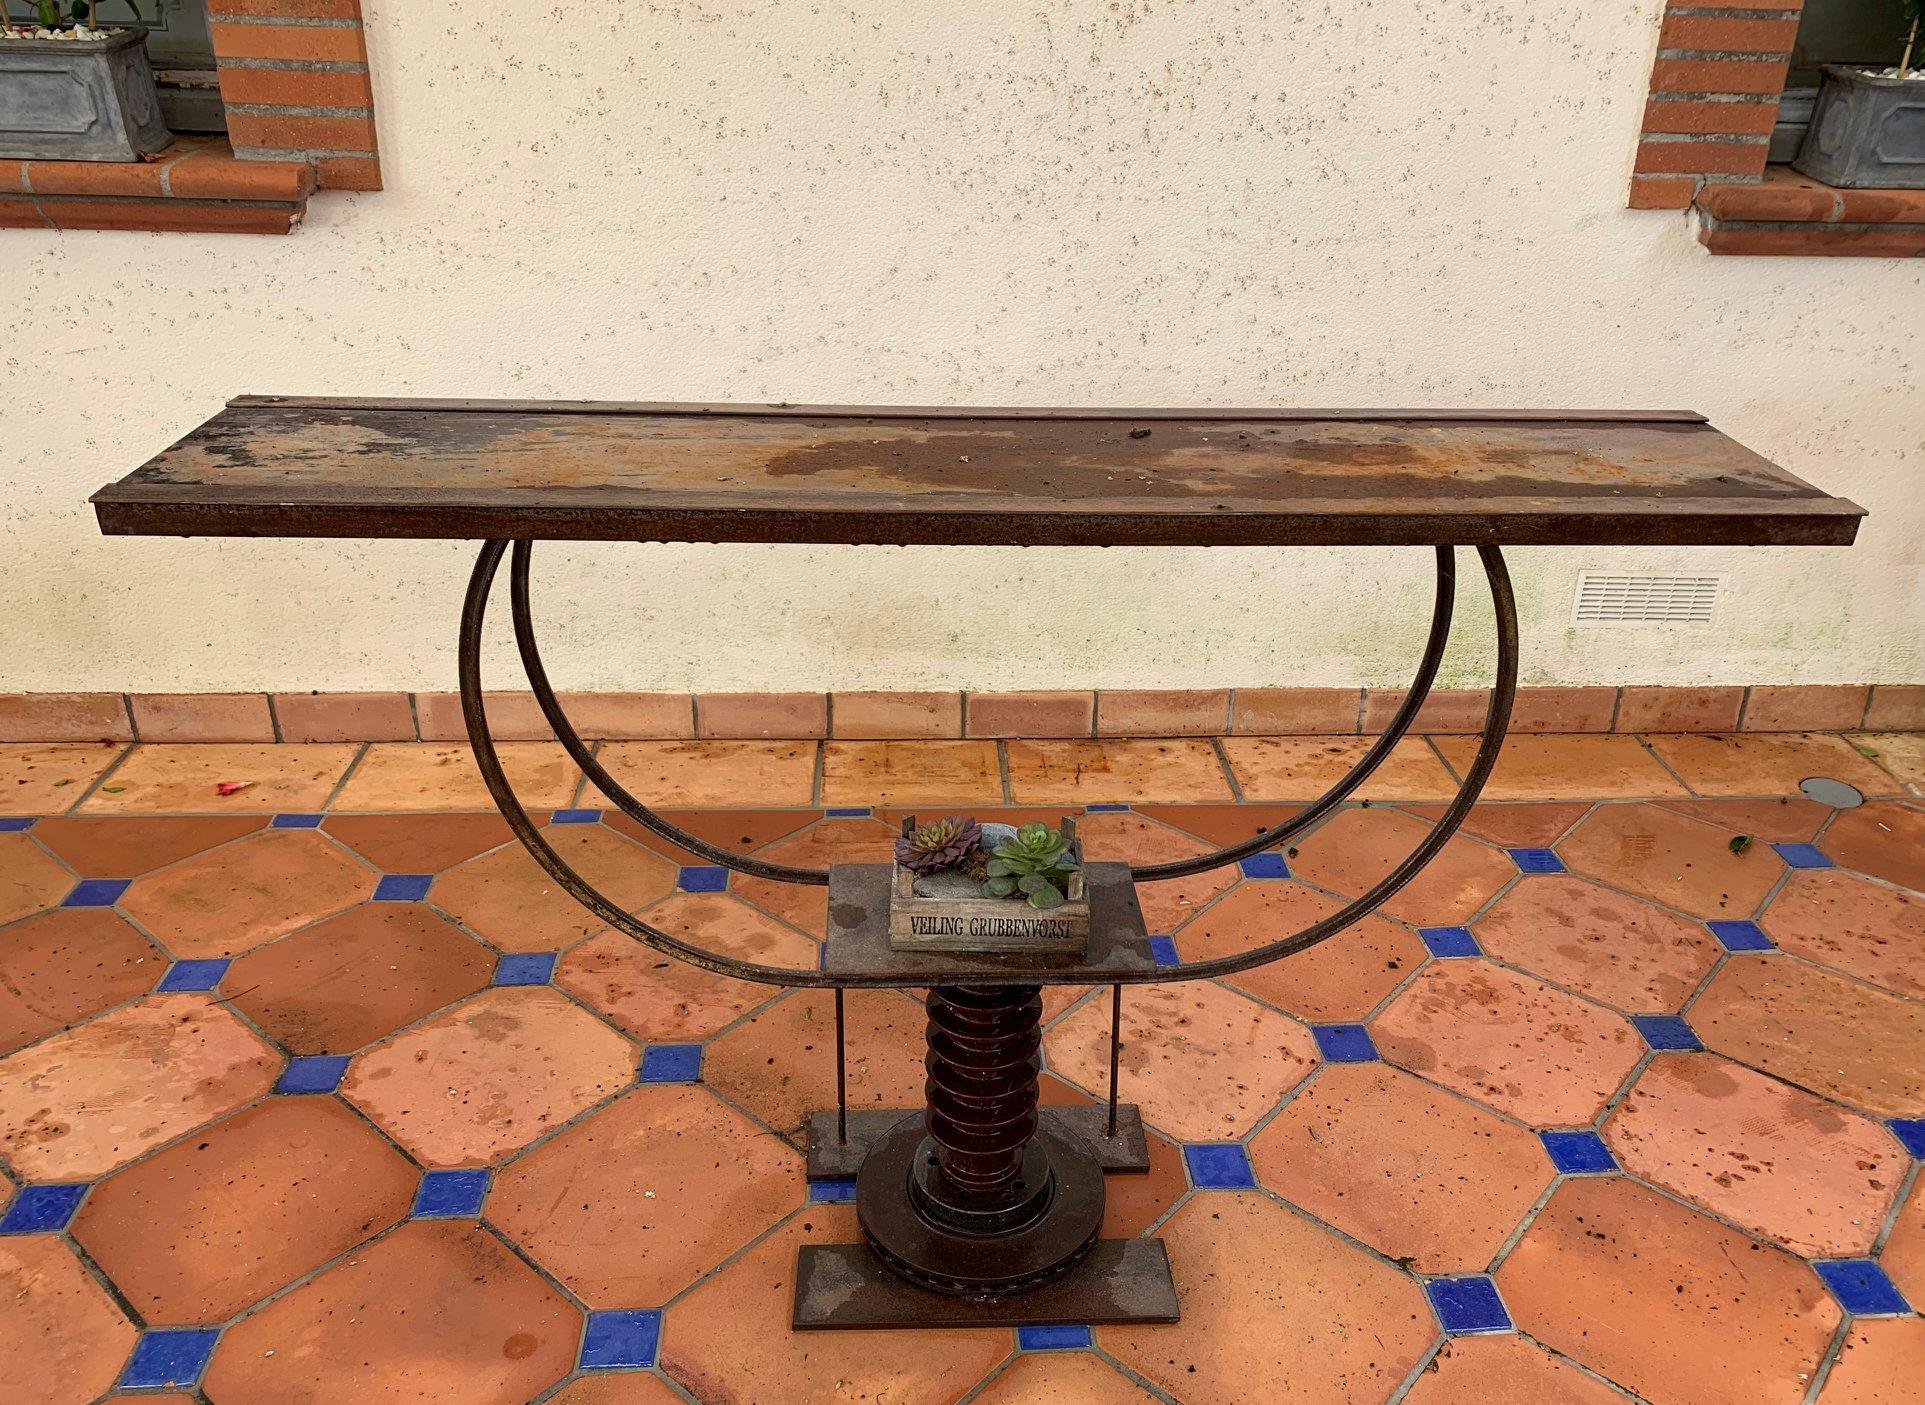 restauration-meuble-bois-et-metal-lisle-jourdain-01